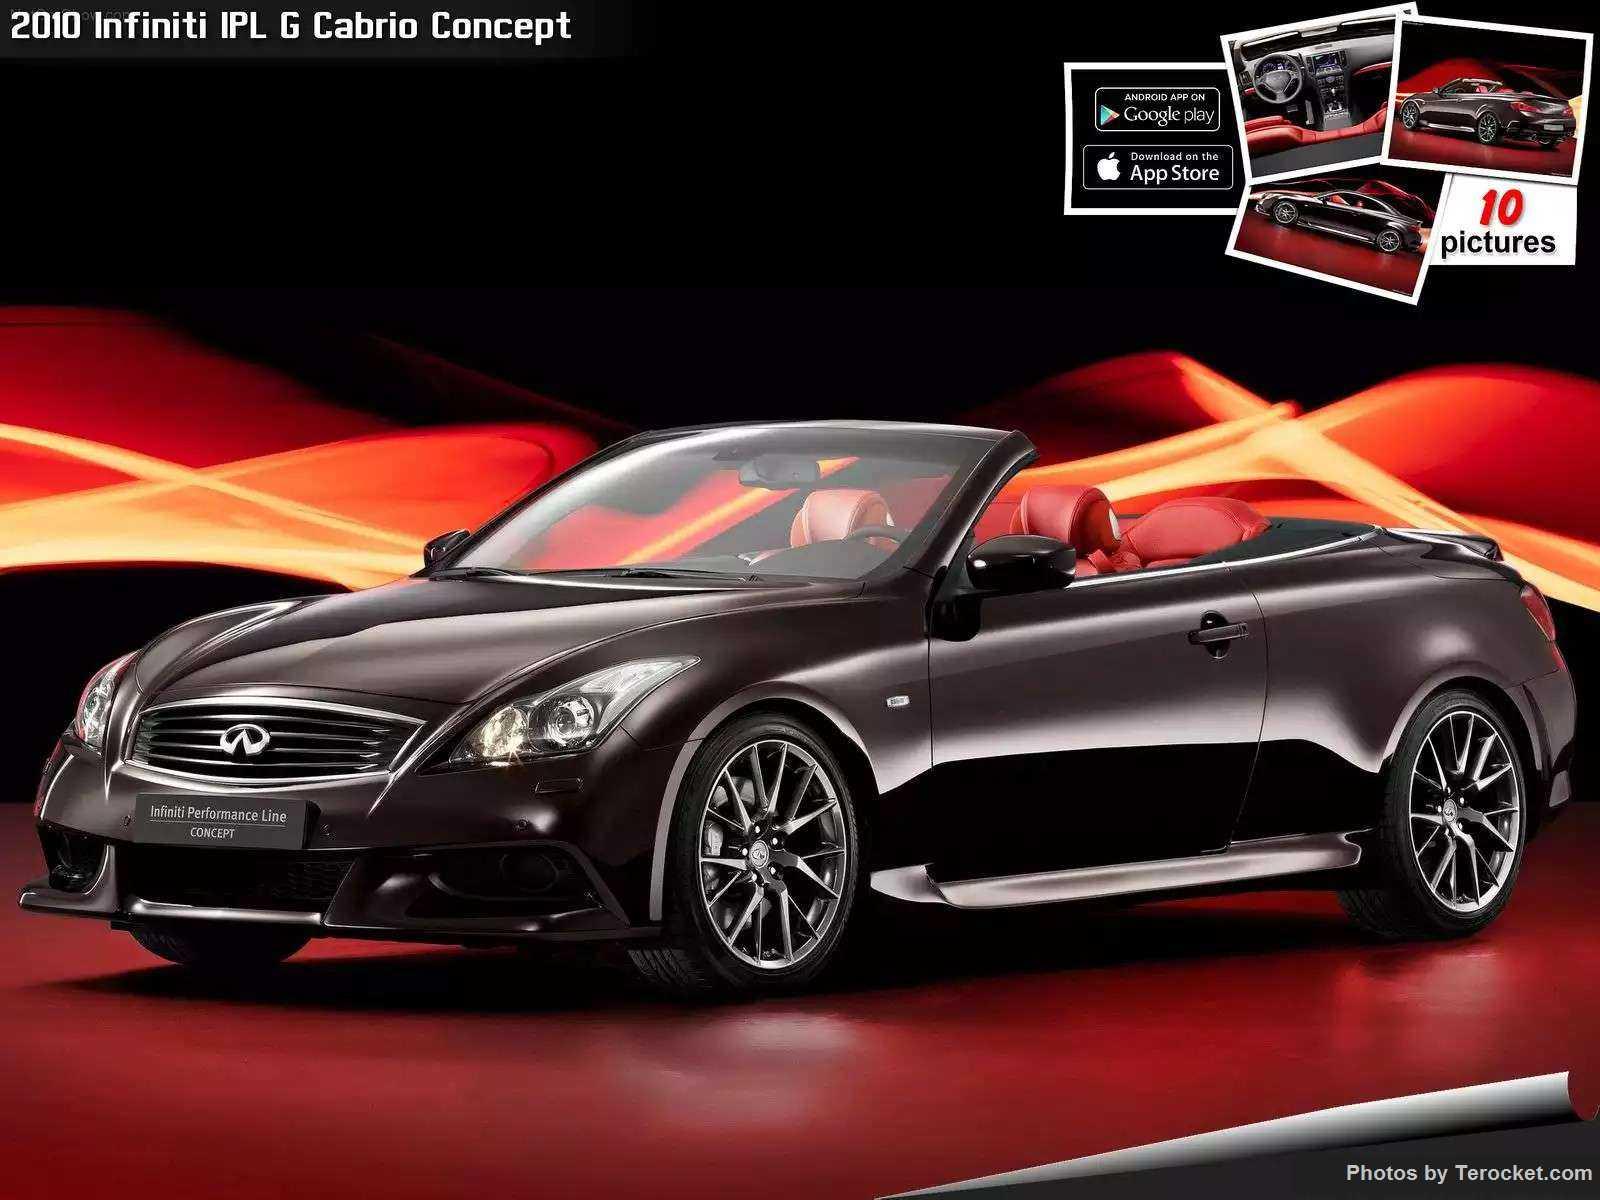 Hình ảnh xe ô tô Infiniti IPL G Cabrio Concept 2010 & nội ngoại thất